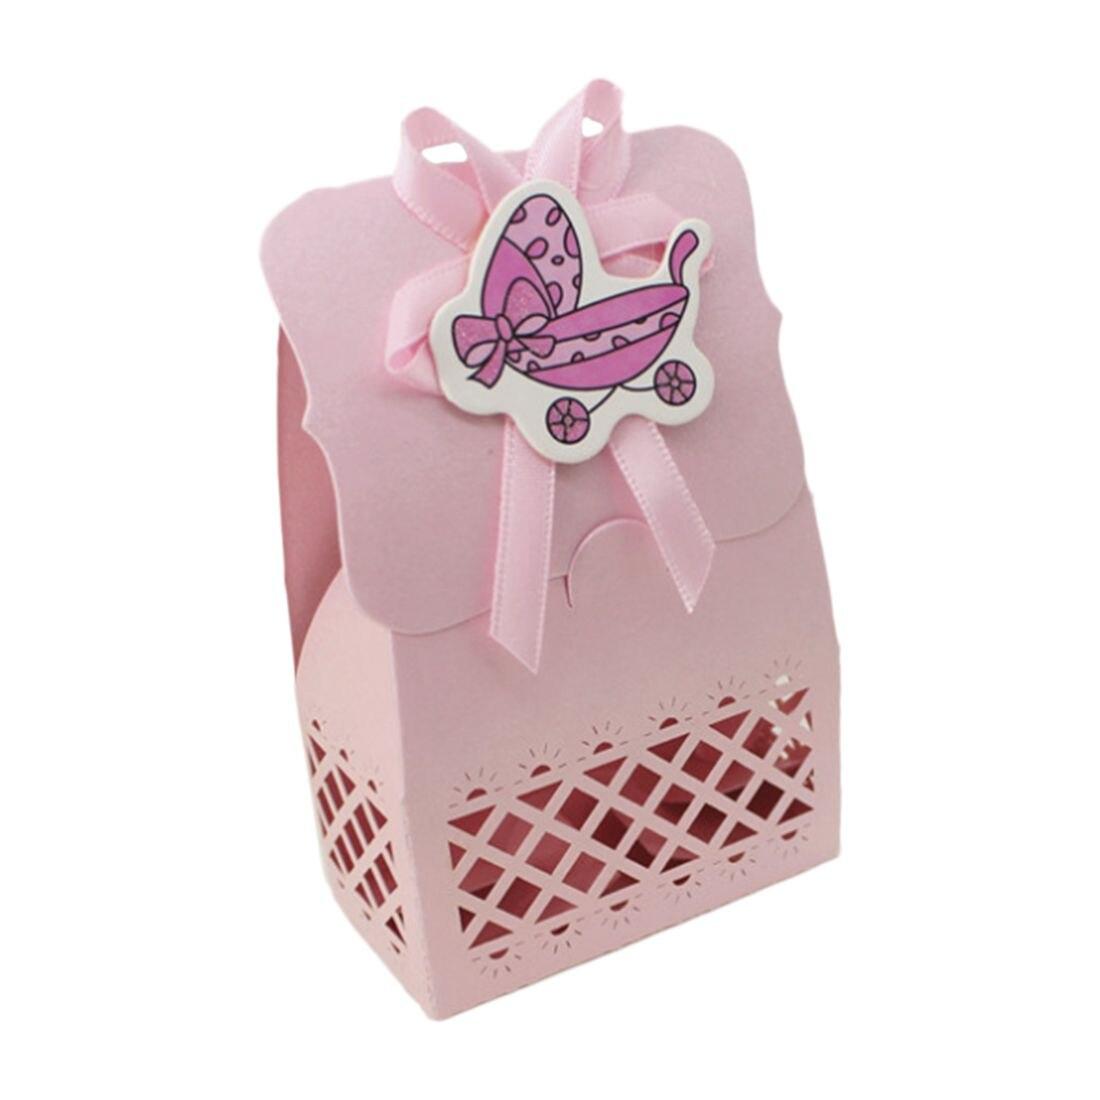 12 шт. милый ребенок душ коробка конфет событие для вечеринок украшения бумаги крещение малыш сувениры Сладкий подарок на день рождения сумк...